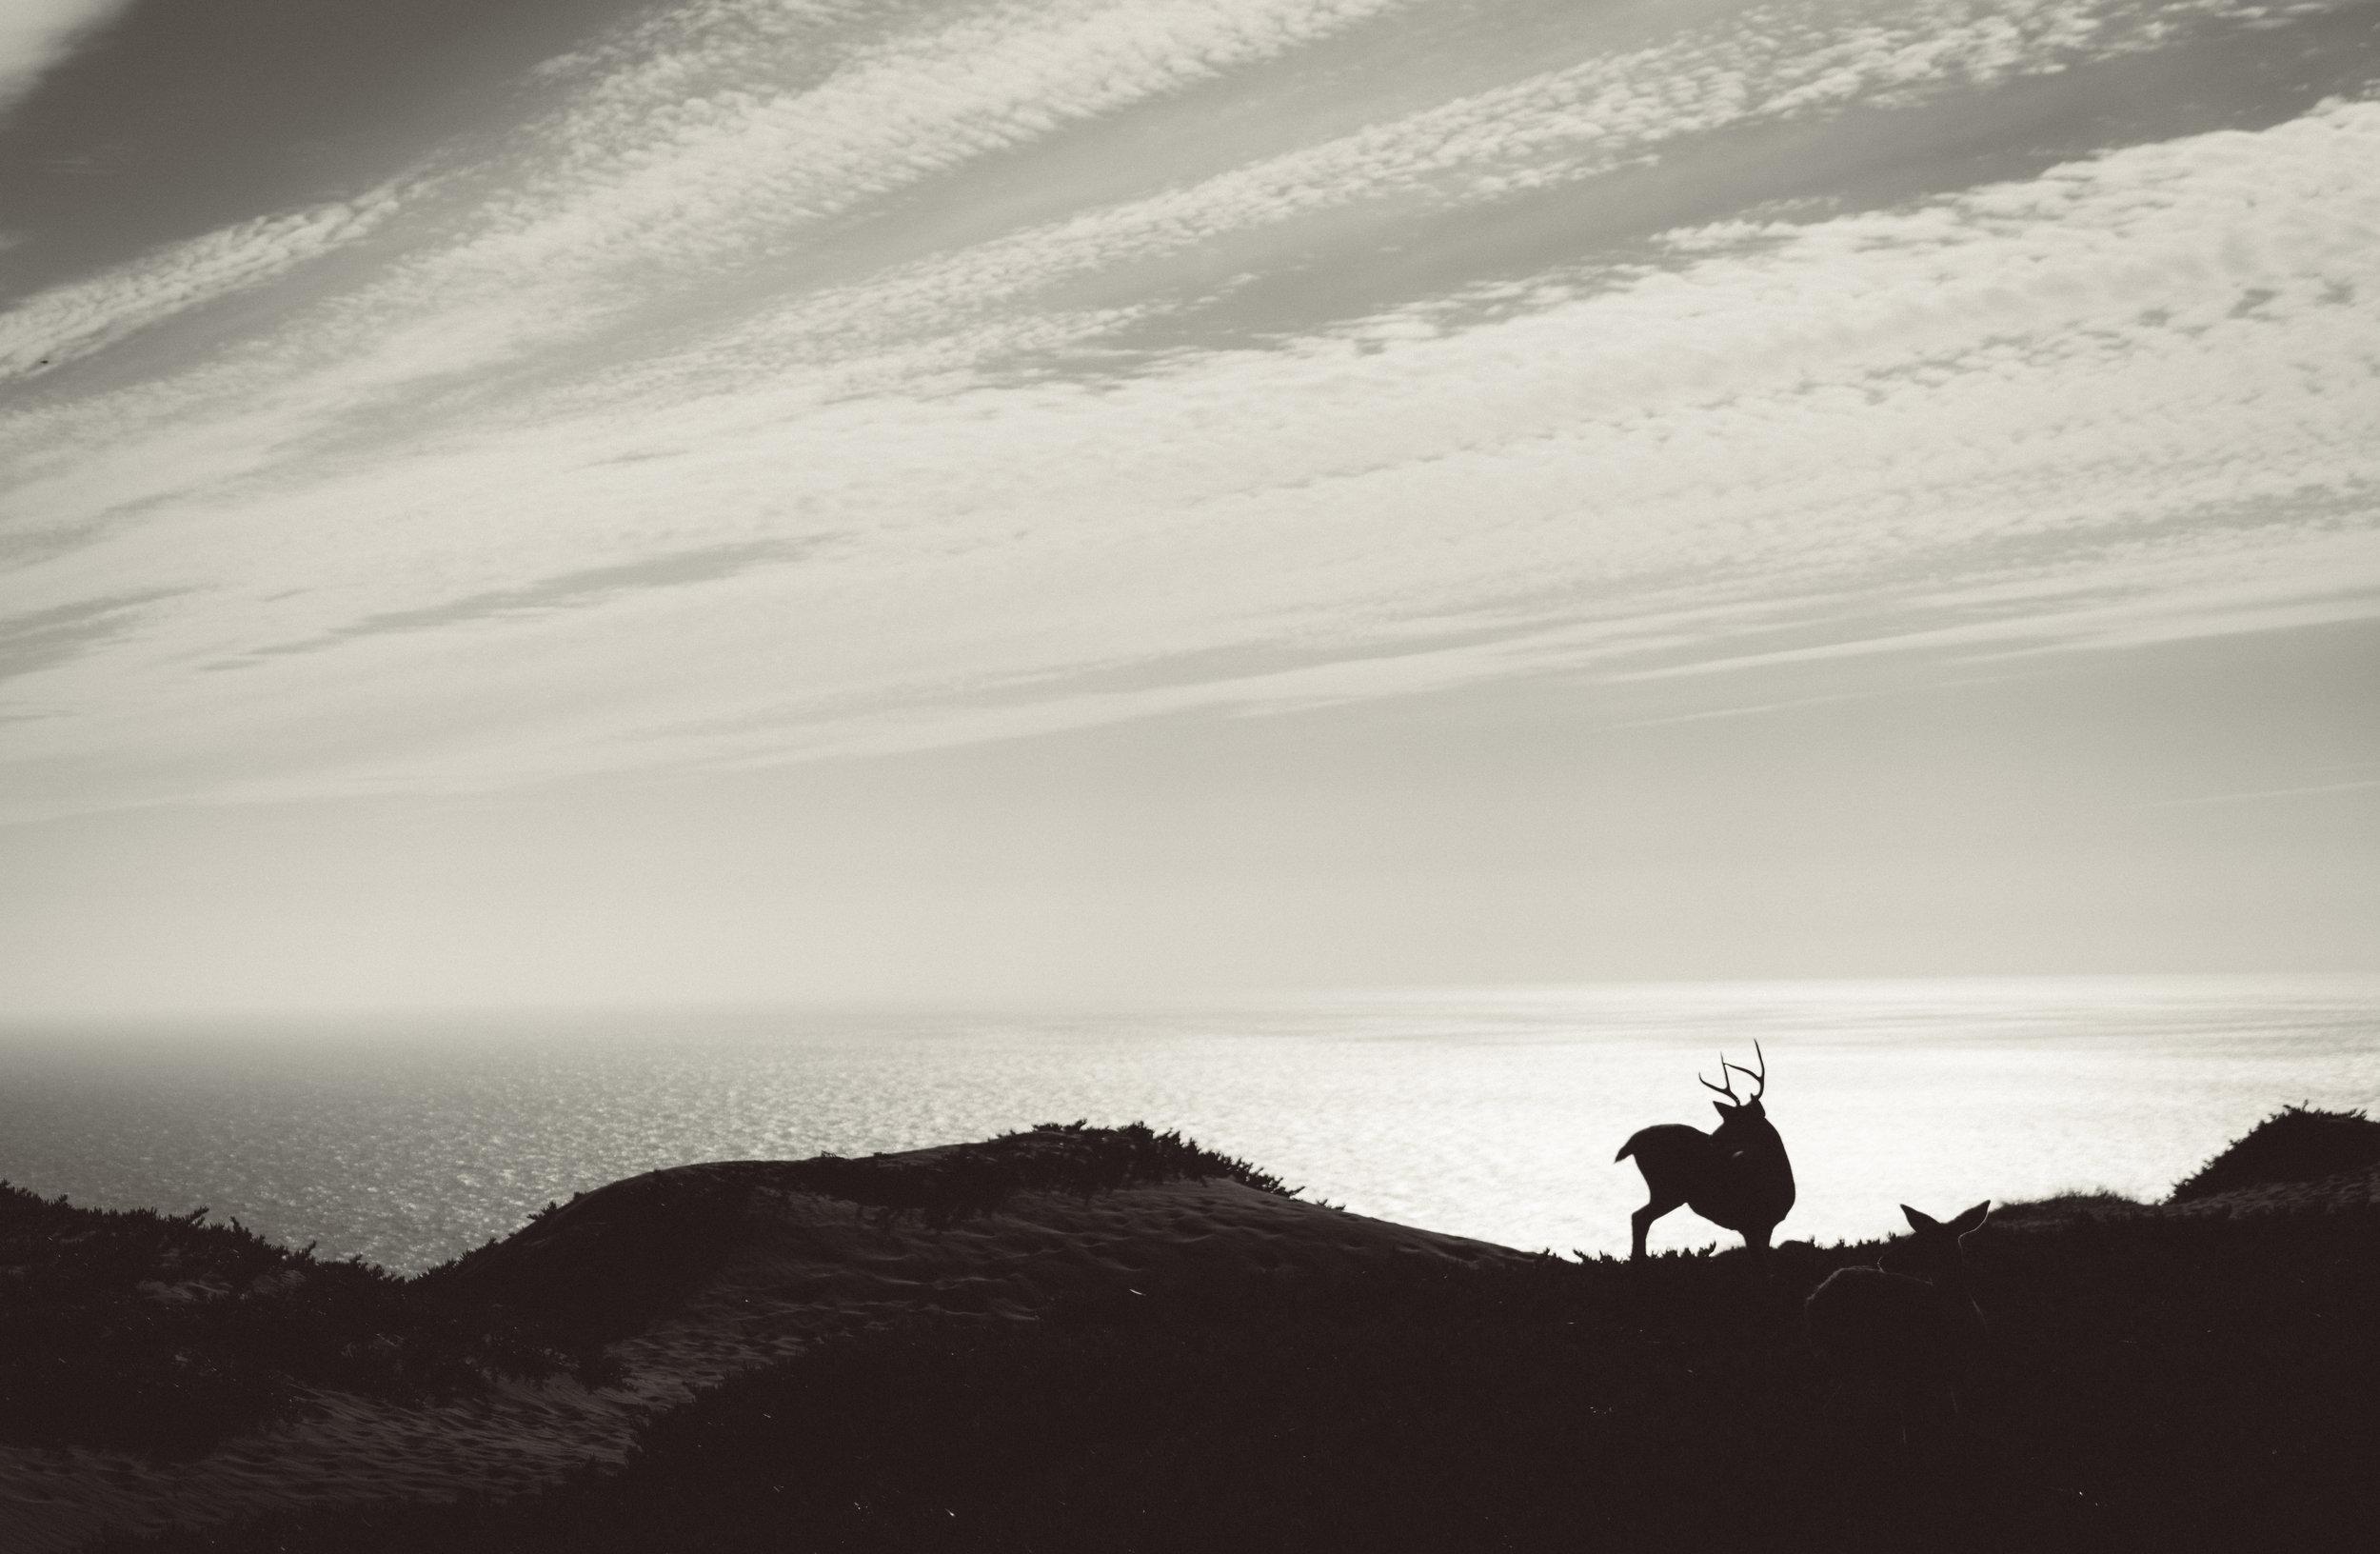 Mule Deer at Point Reyes National Seashore.